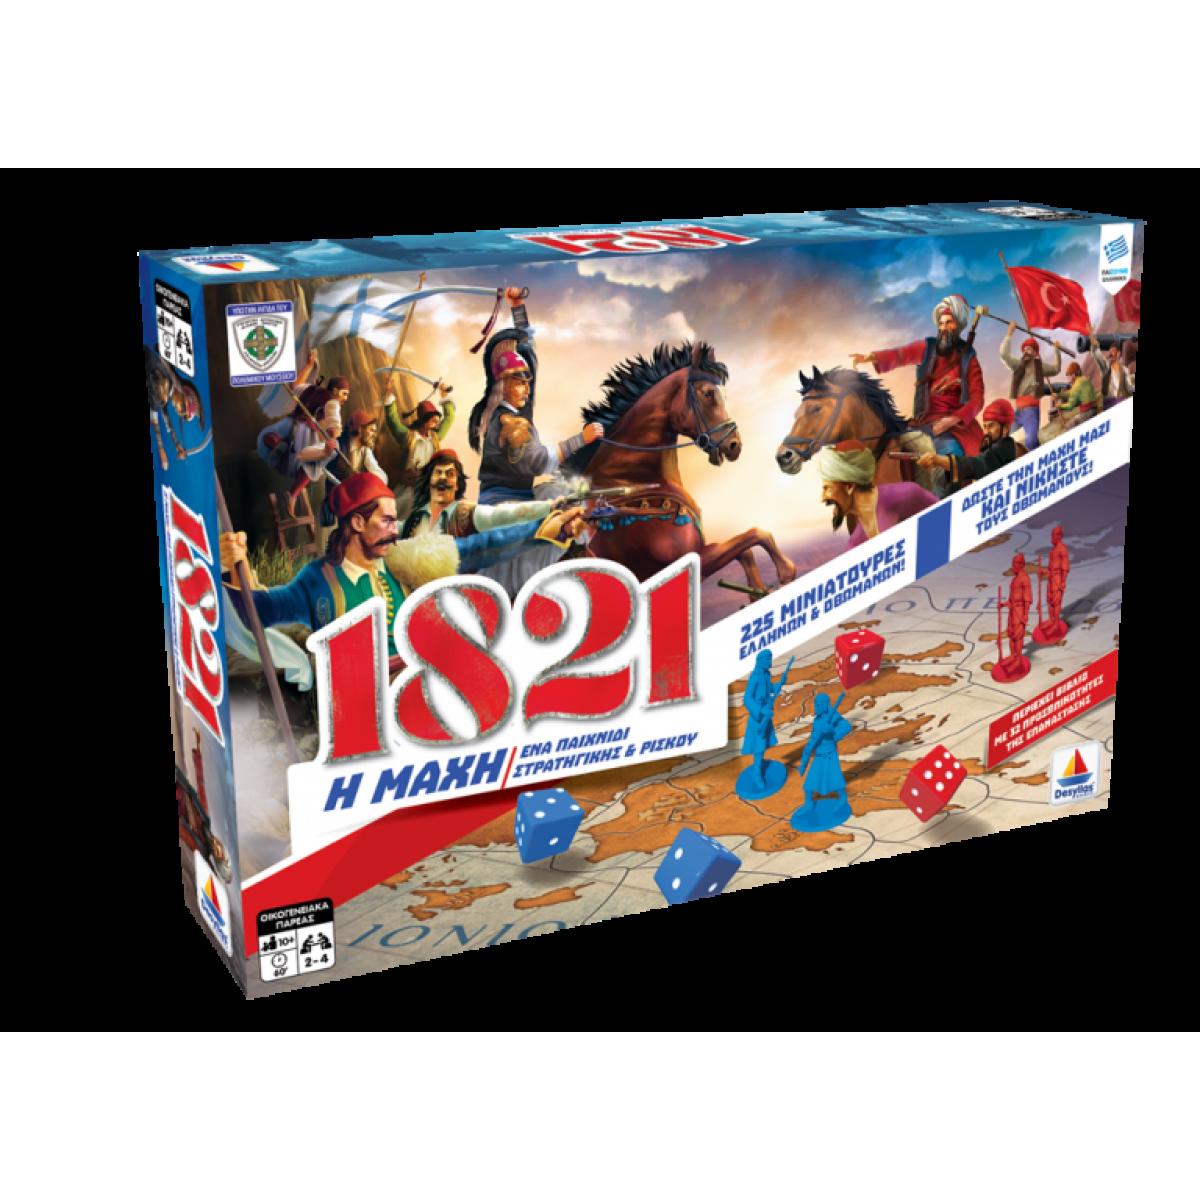 1821 Η Μάχη Επιτραπέζιο Παιχνίδι